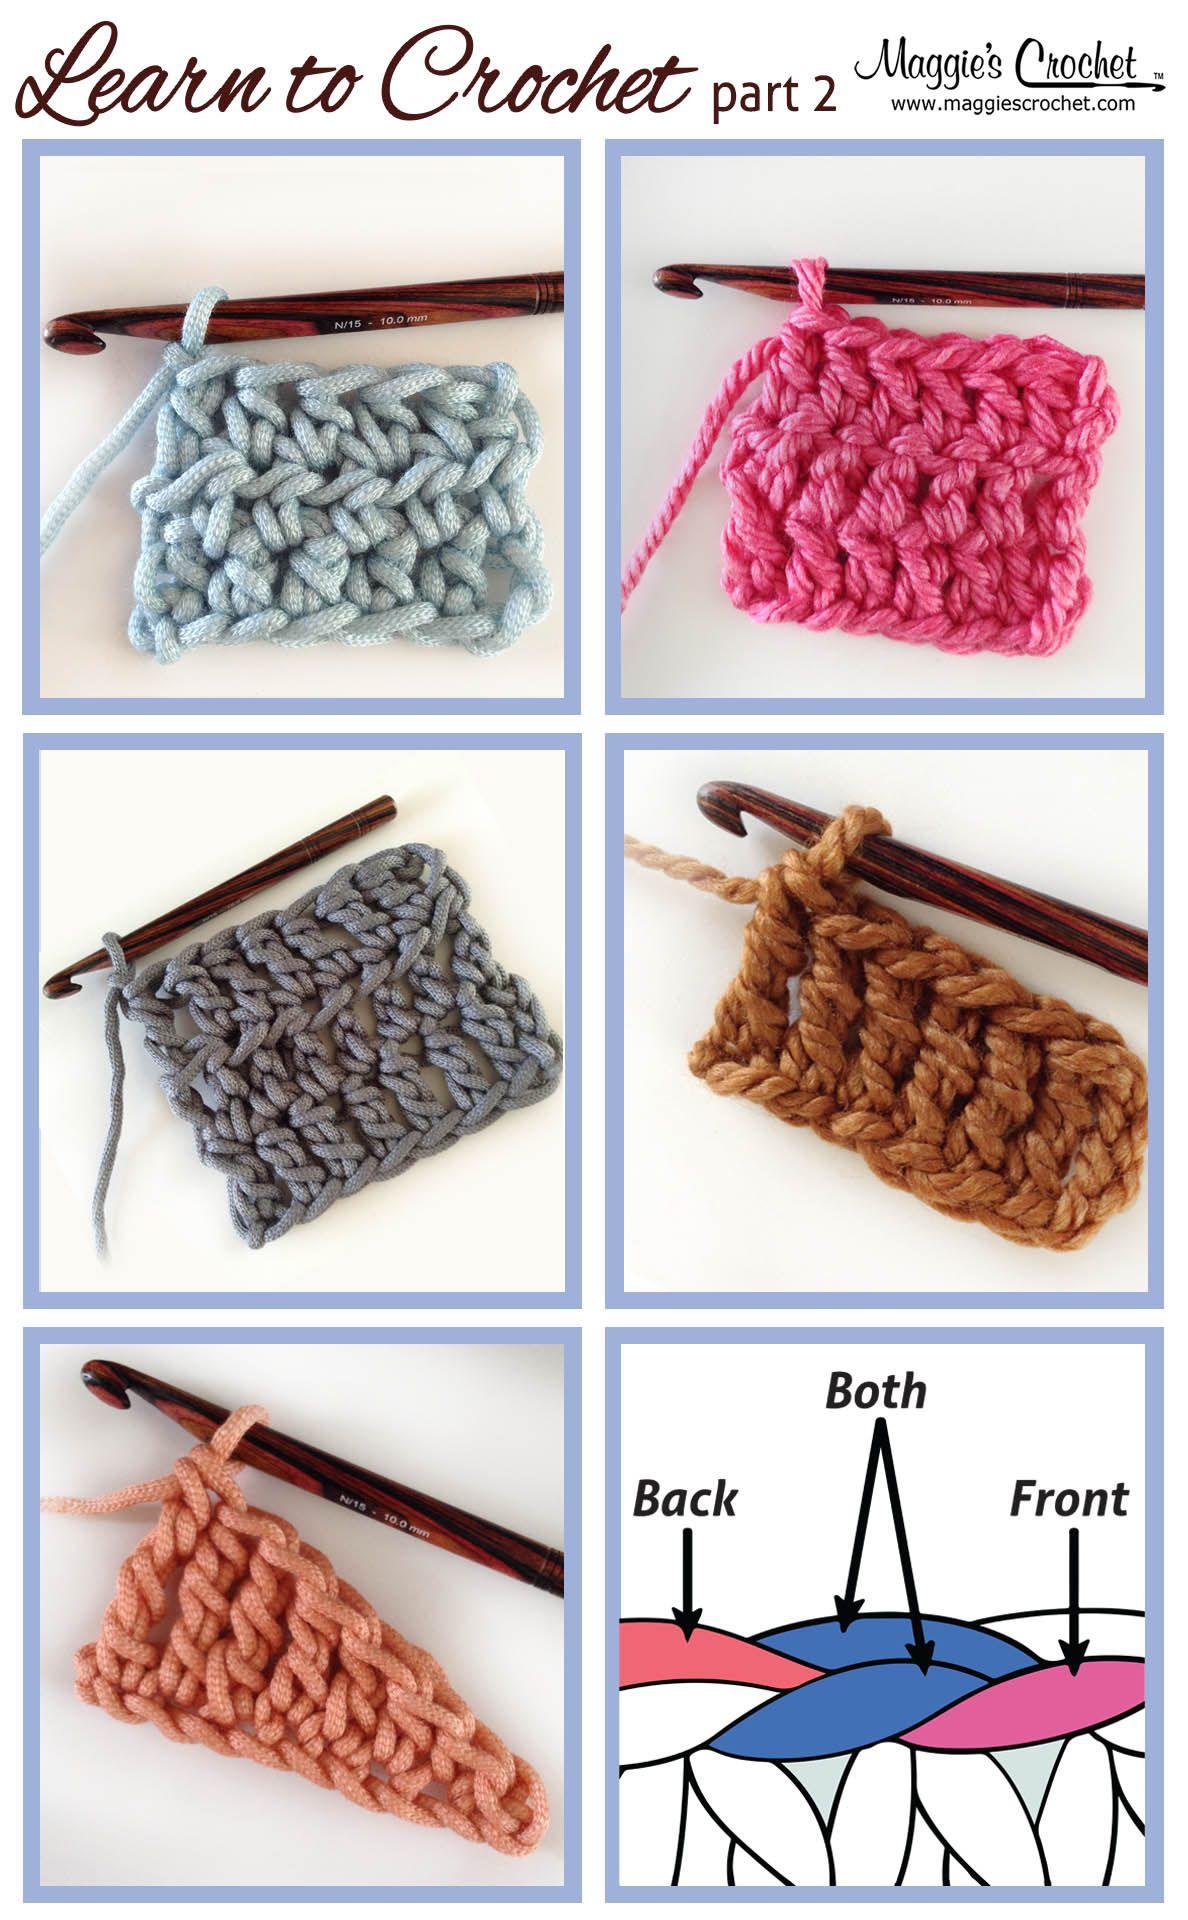 Learn to Crochet Part 2: Crochet Next Steps | crafts | Pinterest ...